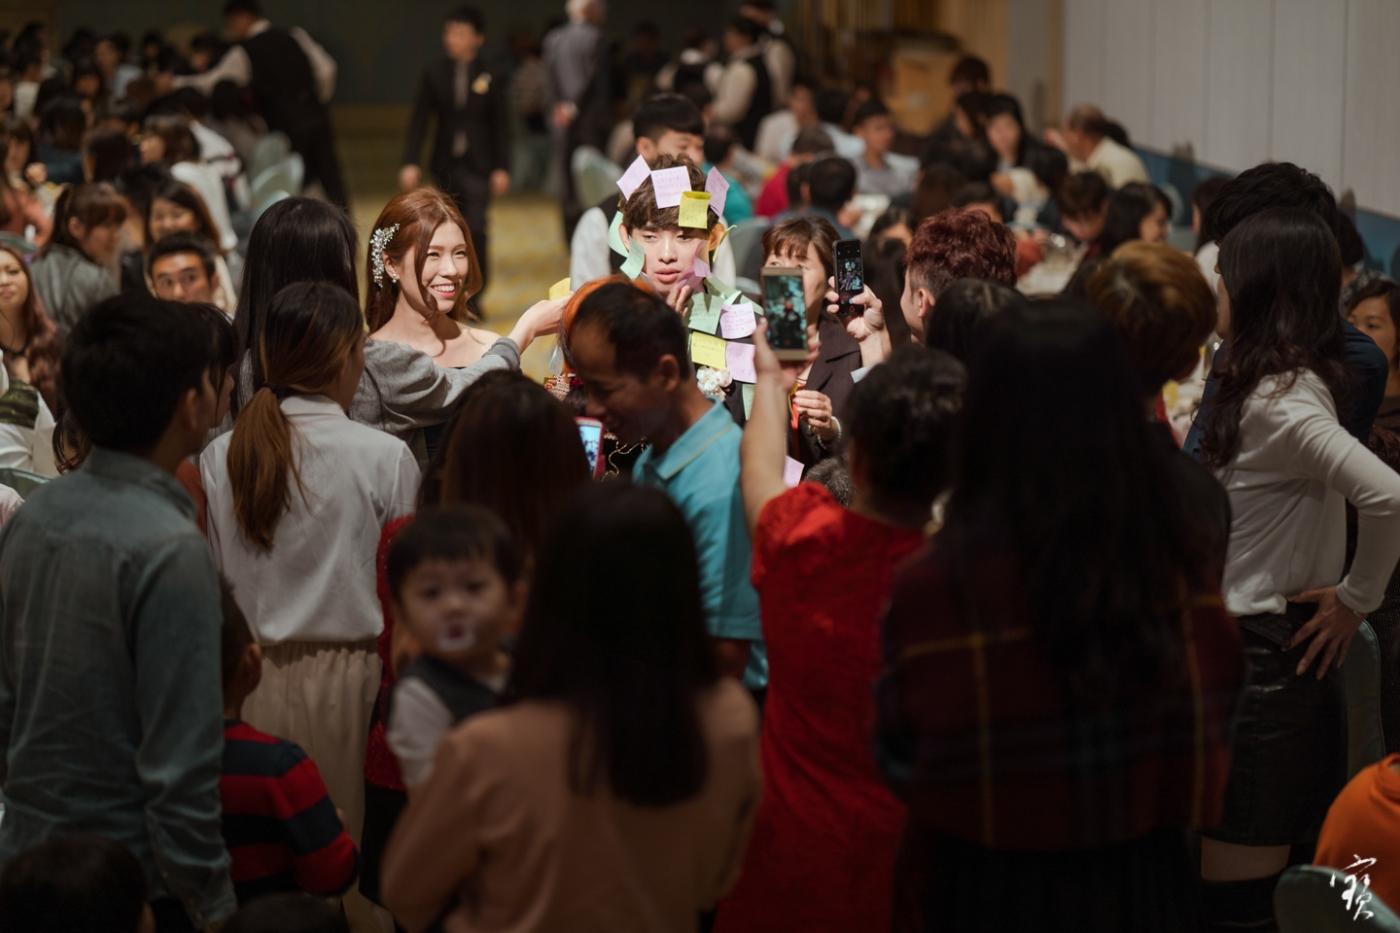 婚禮攝影 新竹彭園 冬伴影像 攝影師大寶 婚紗攝影 新娘新郎 早儀午宴20181125-394